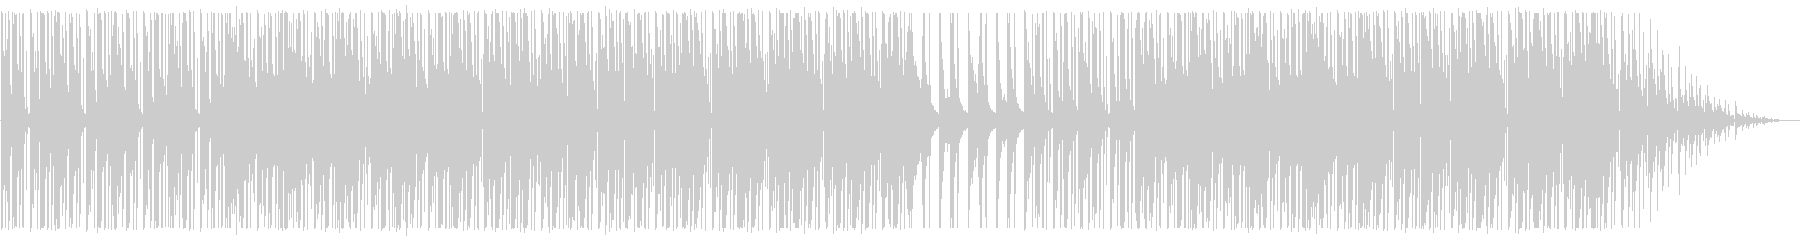 寂しい/ピアノ/R&B_No489_1の未再生の波形